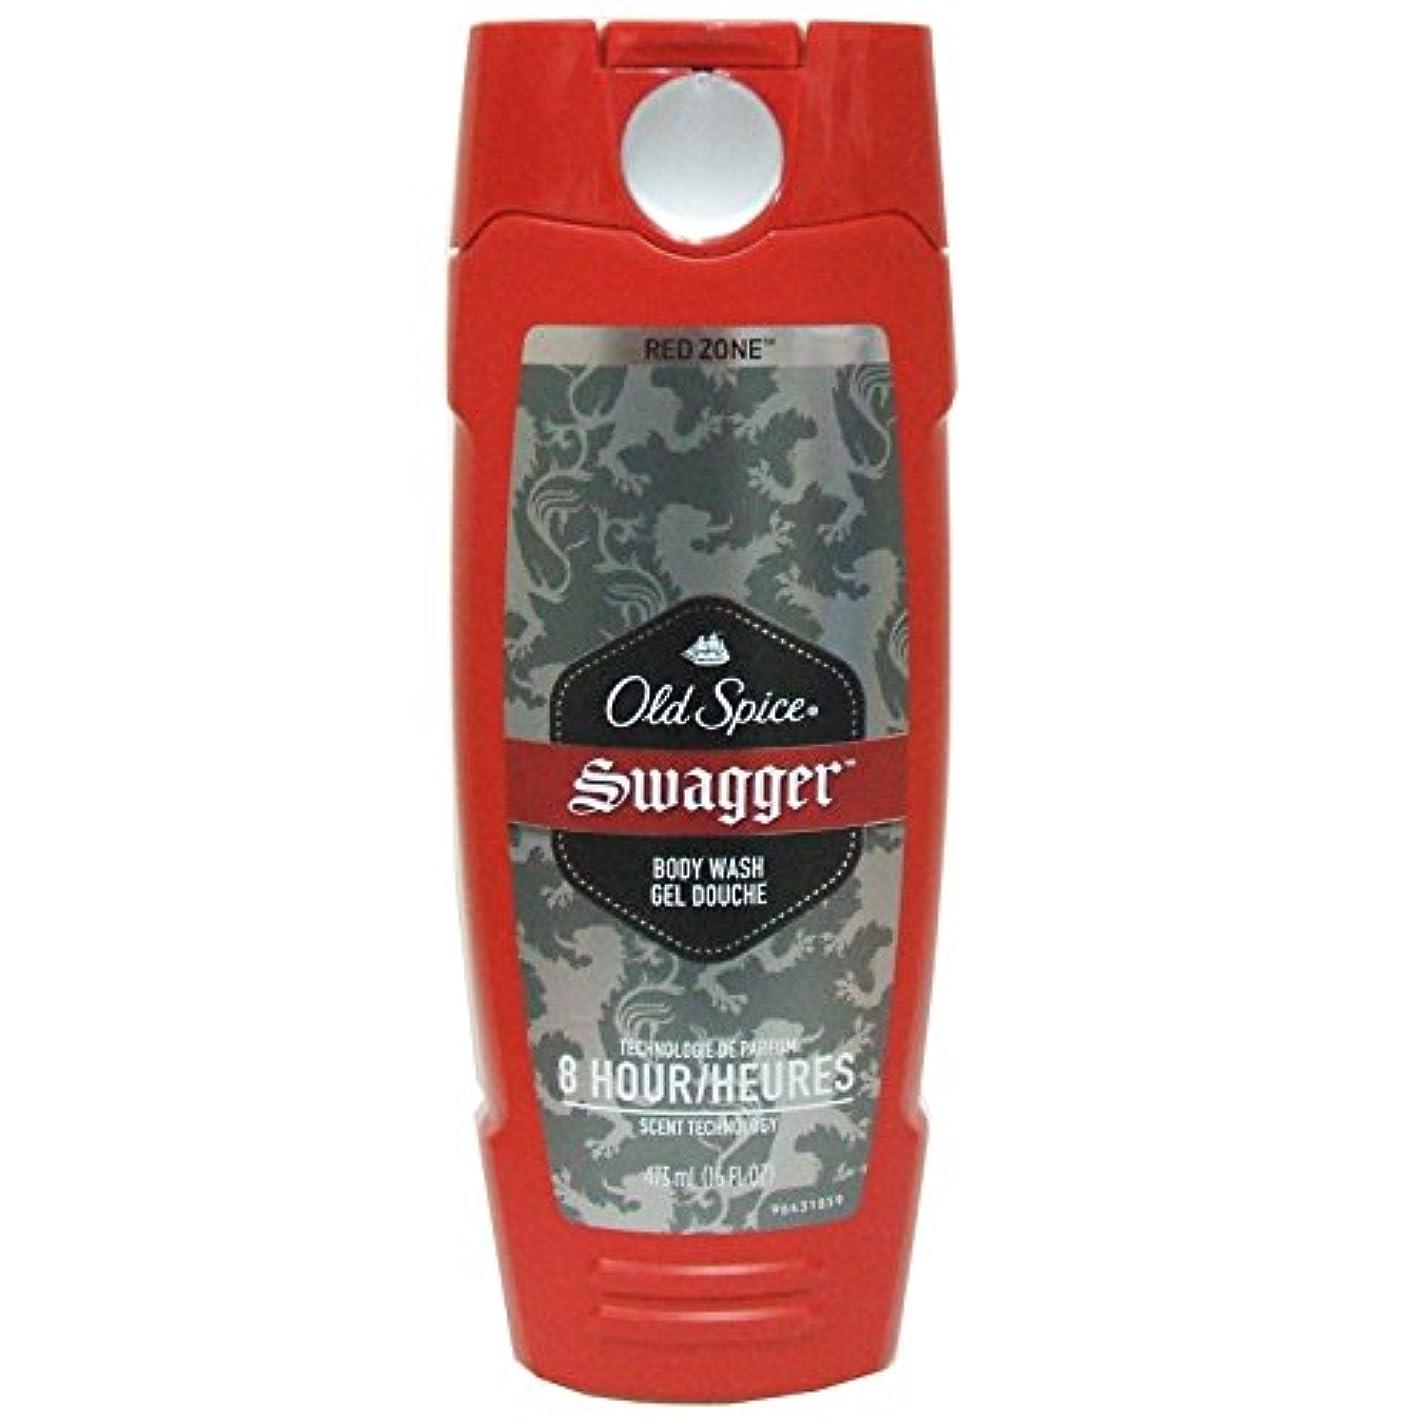 メナジェリー体操選手バケットOld Spice オールドスパイス Red Zone Body Wash Swagger GEL 473ml [並行輸入品]